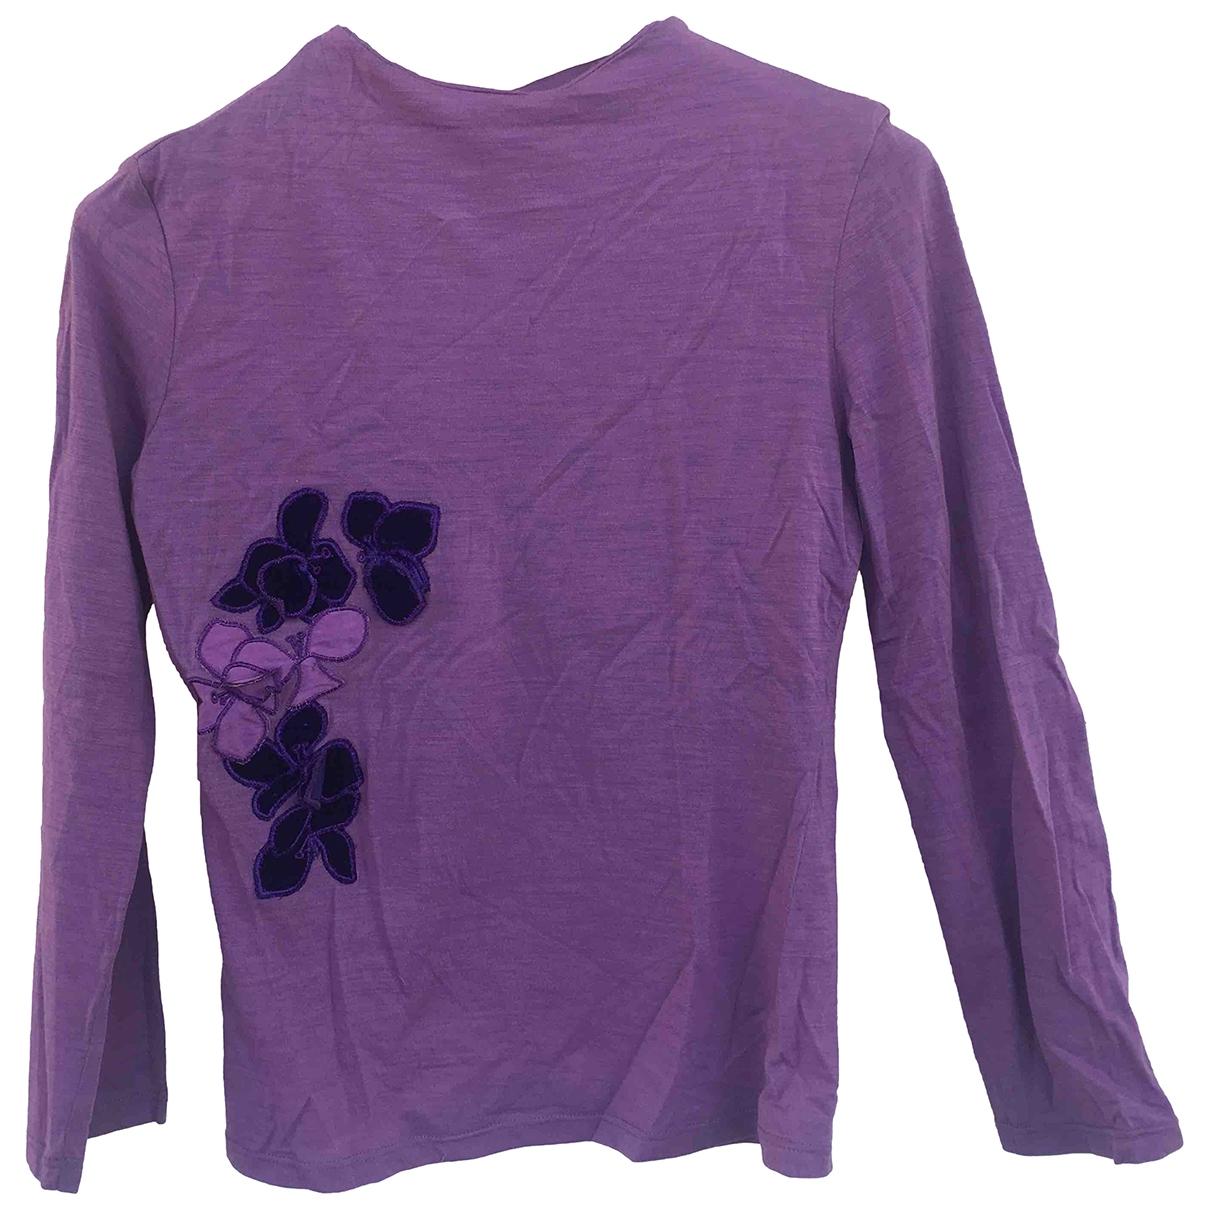 Versus \N Purple  top for Women 40 IT